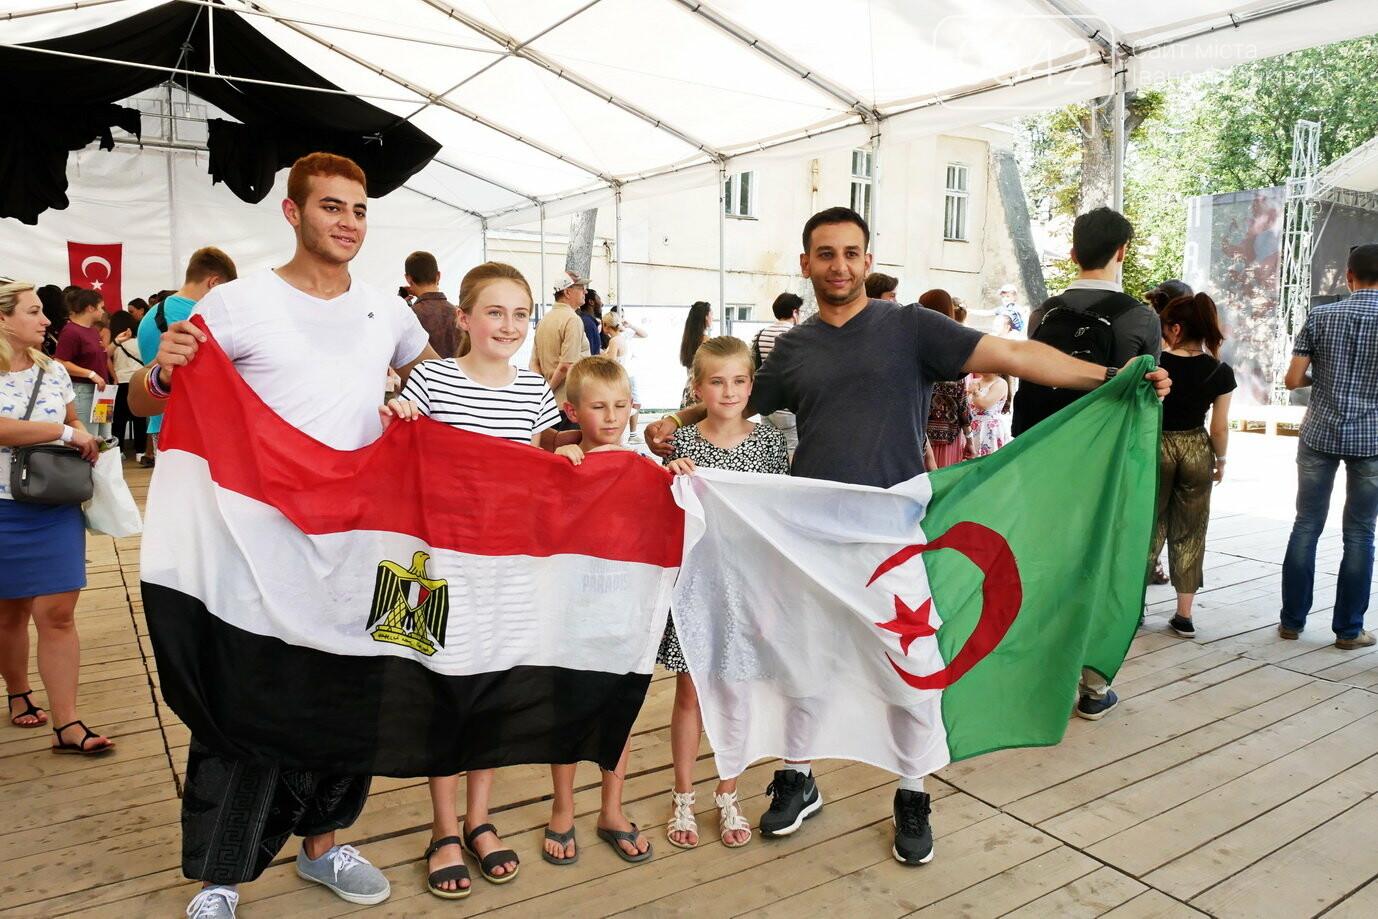 9 країн презентують свою культуру у Франківську на фестивалі Global Village , фото-1